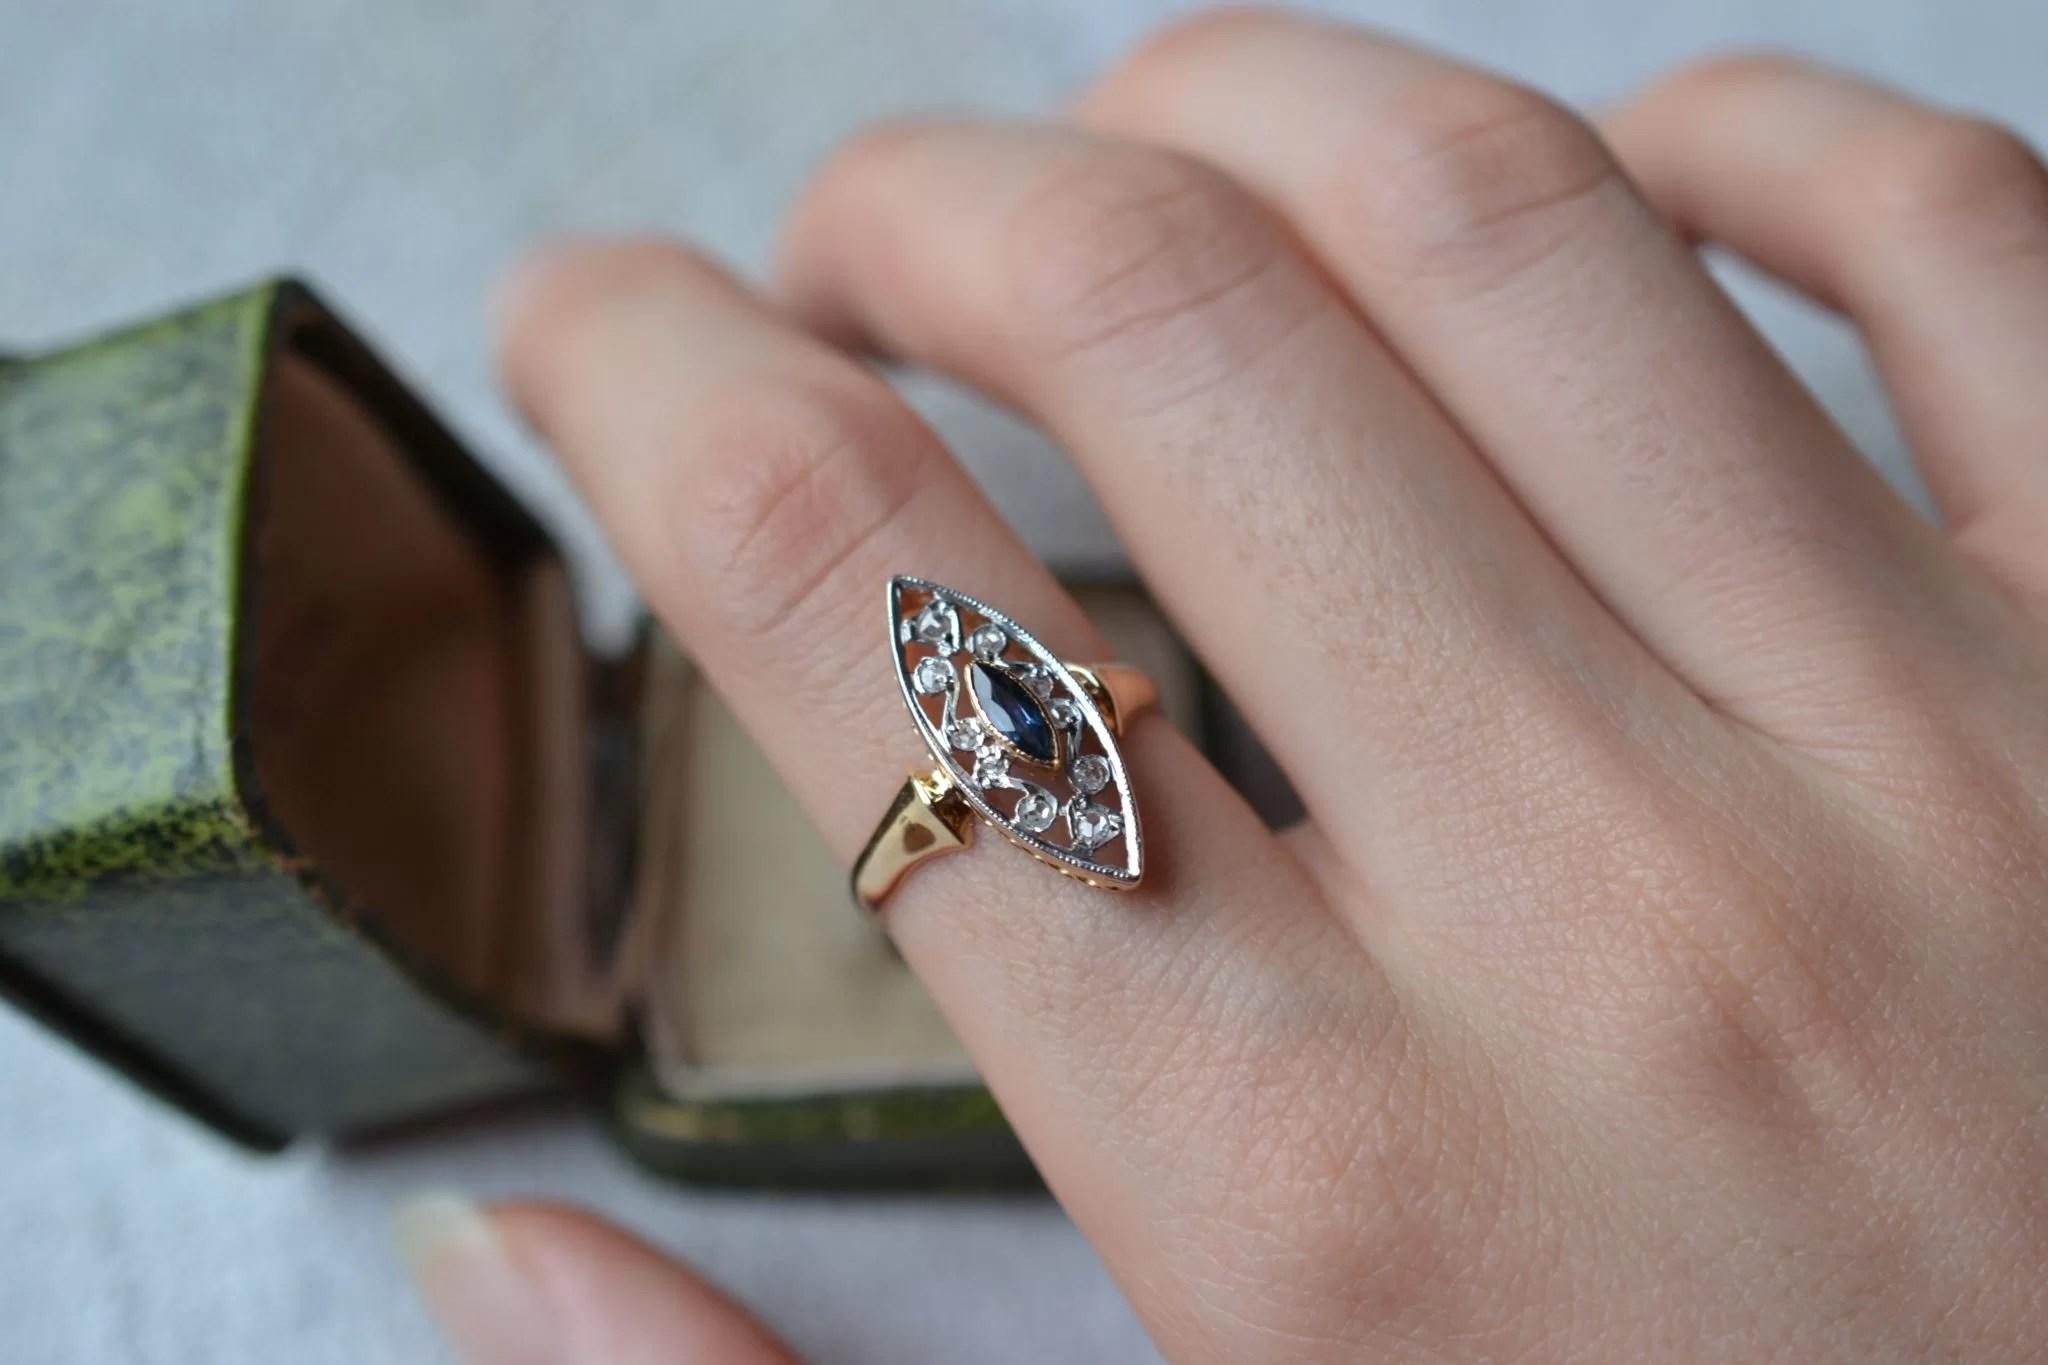 Bague en Or jaune et Or blanc, de forme Marquise, sertie d_un saphir de taille navette facettée et ponctuée de diamants de taille rose - bague rétro